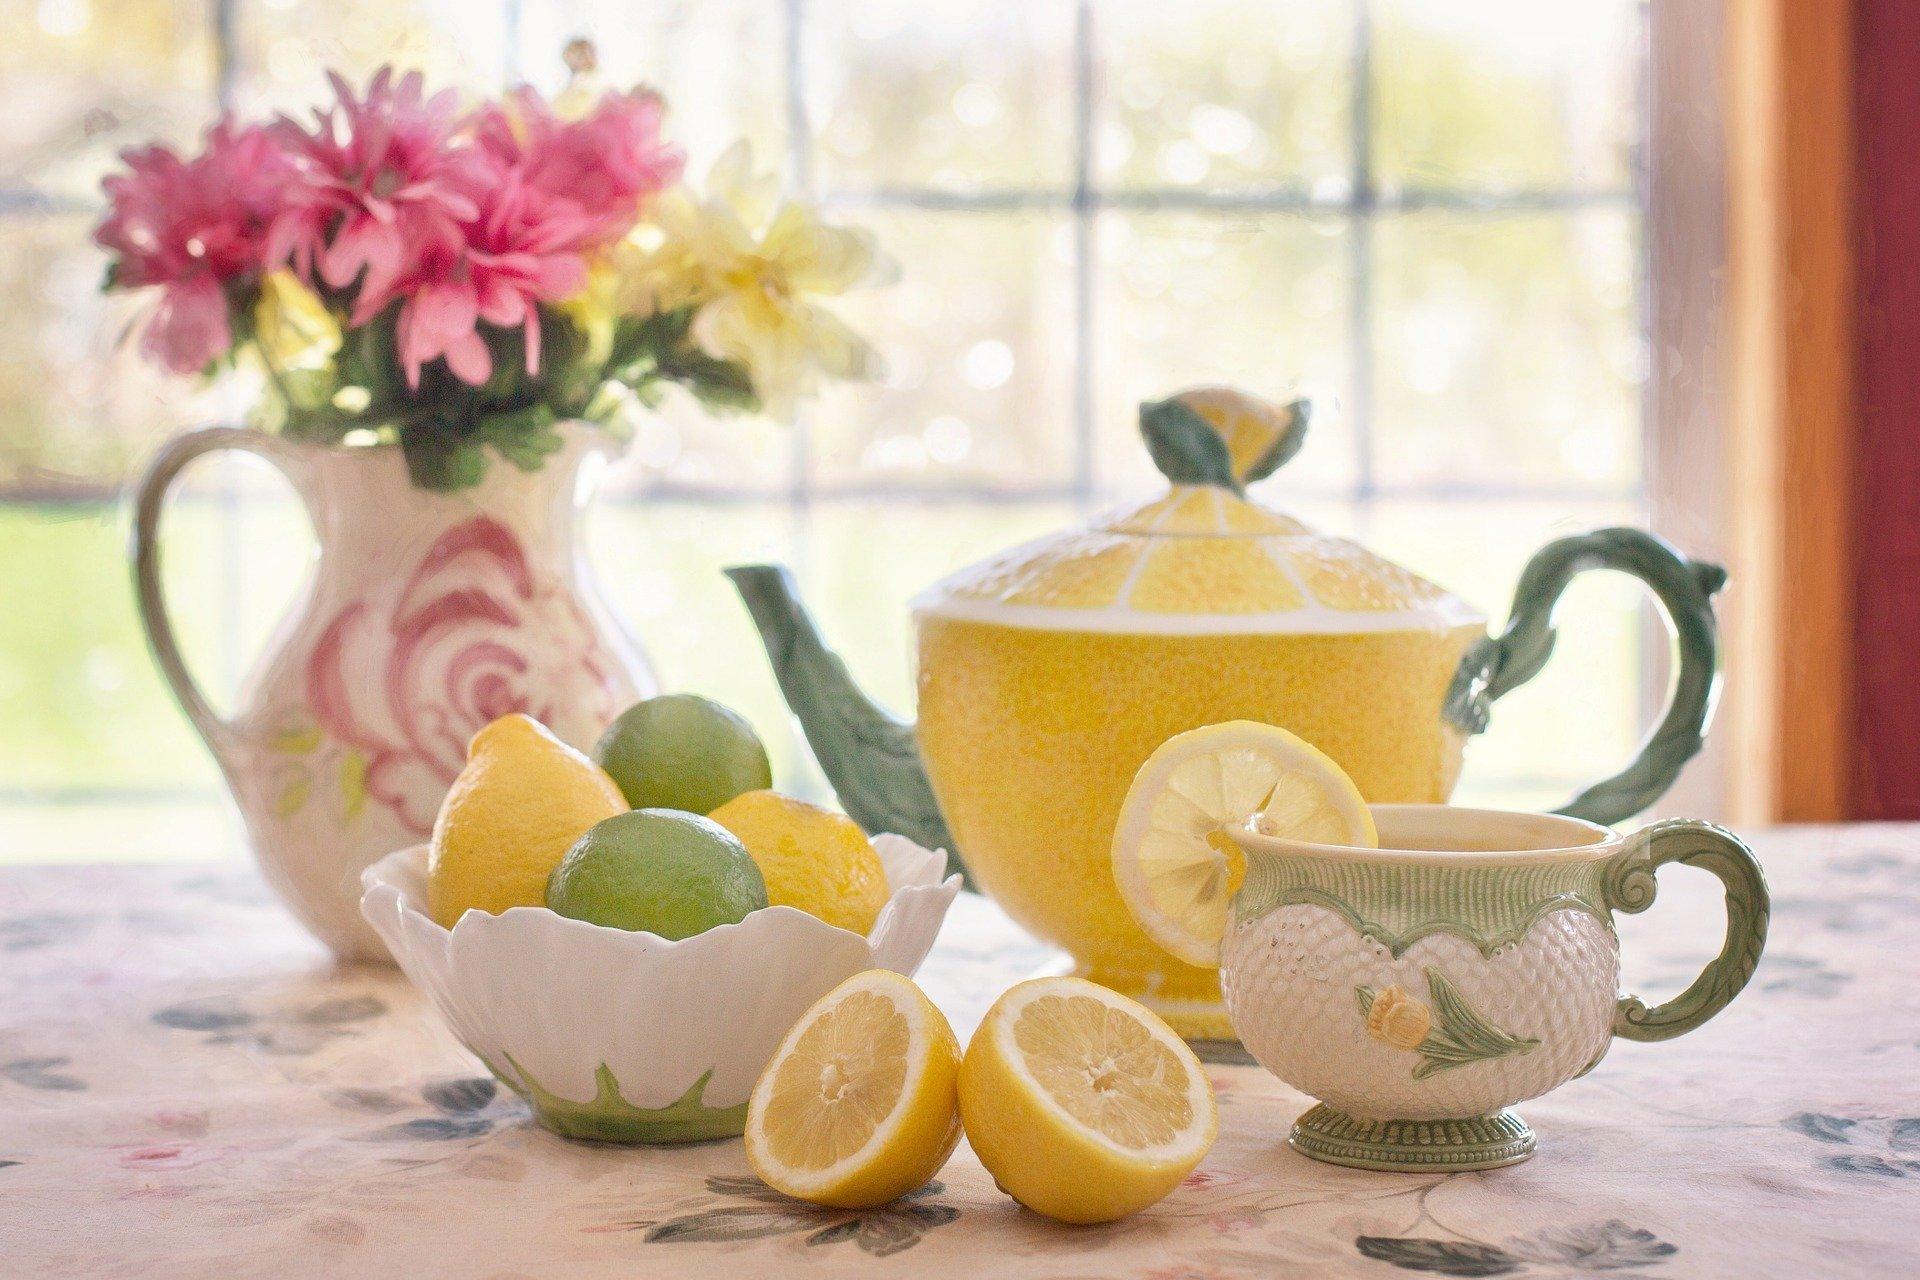 9 Manfaat Lemon Tea, Salah Satunya Meningkatkan Aktivitas Insulin - JPNN.com